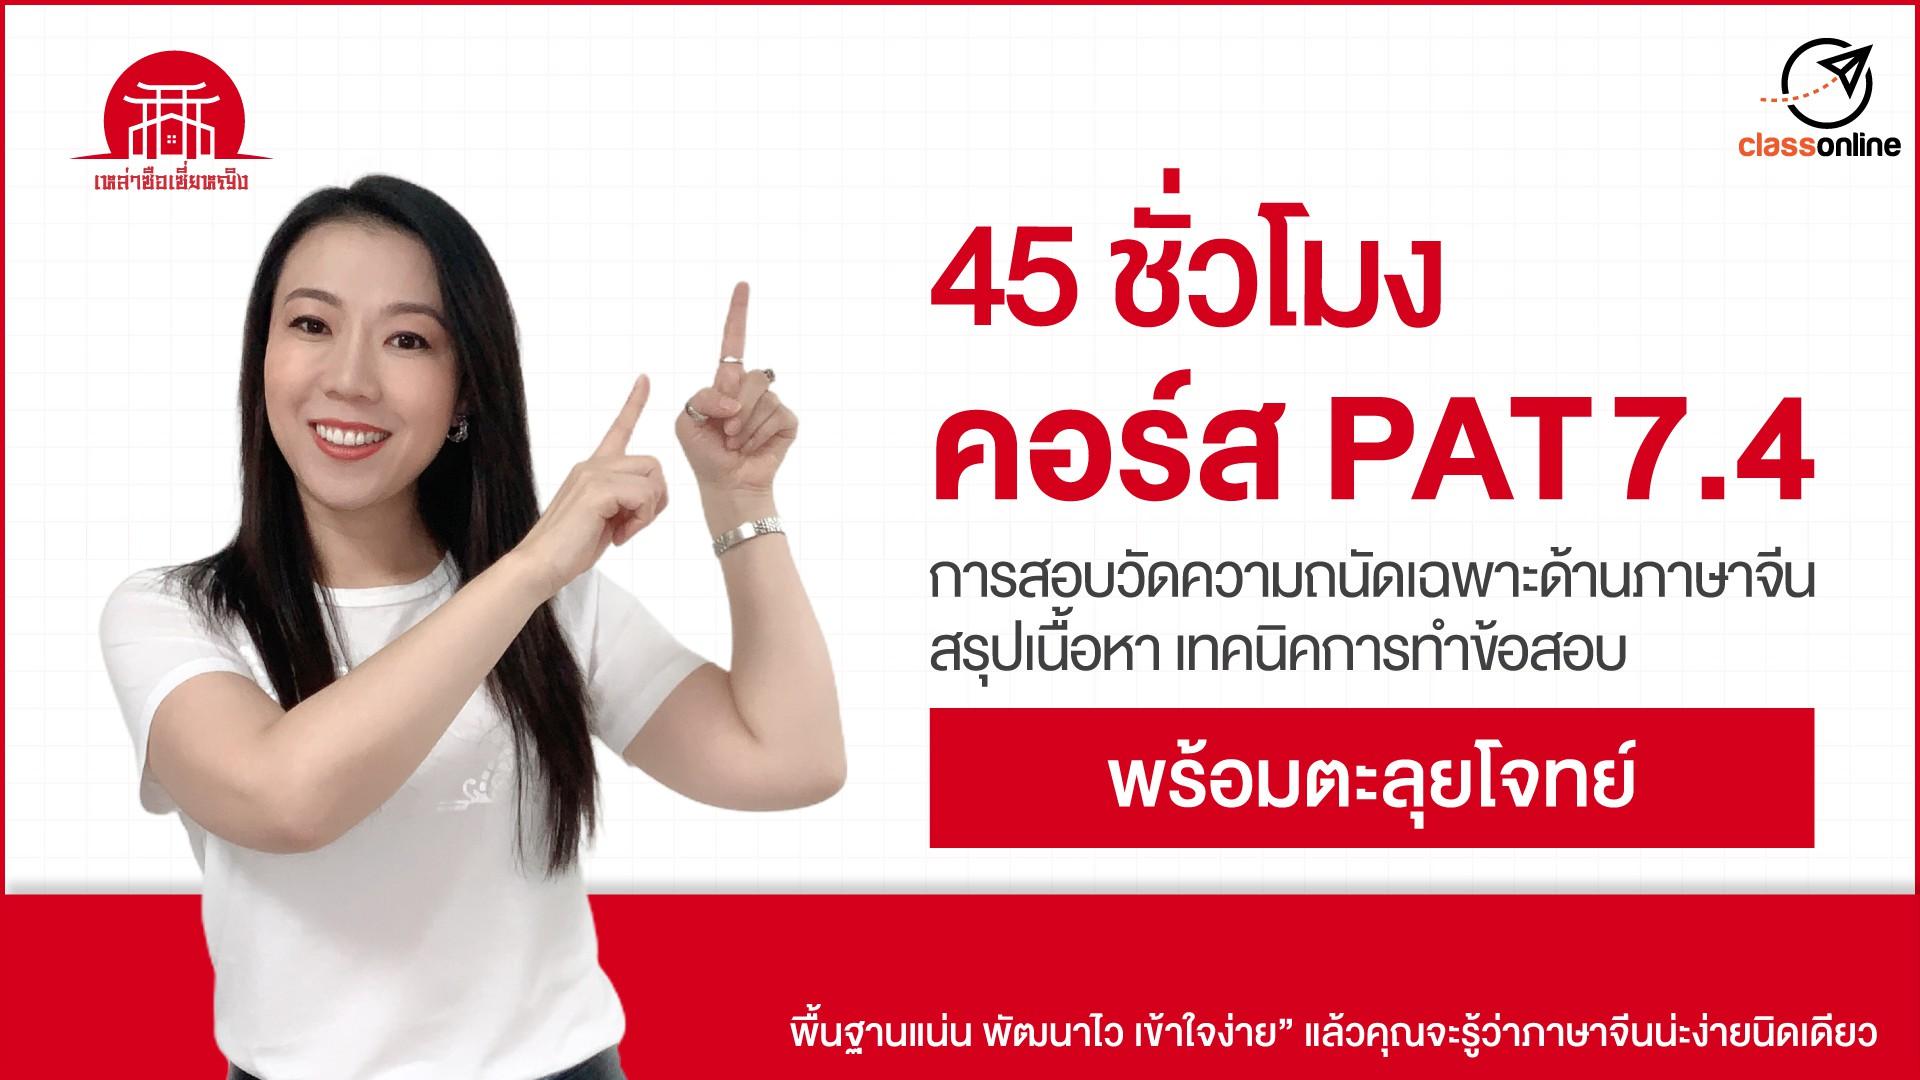 สรุปเข้ม PAT 7.4 พร้อมตะลุยข้อสอบ